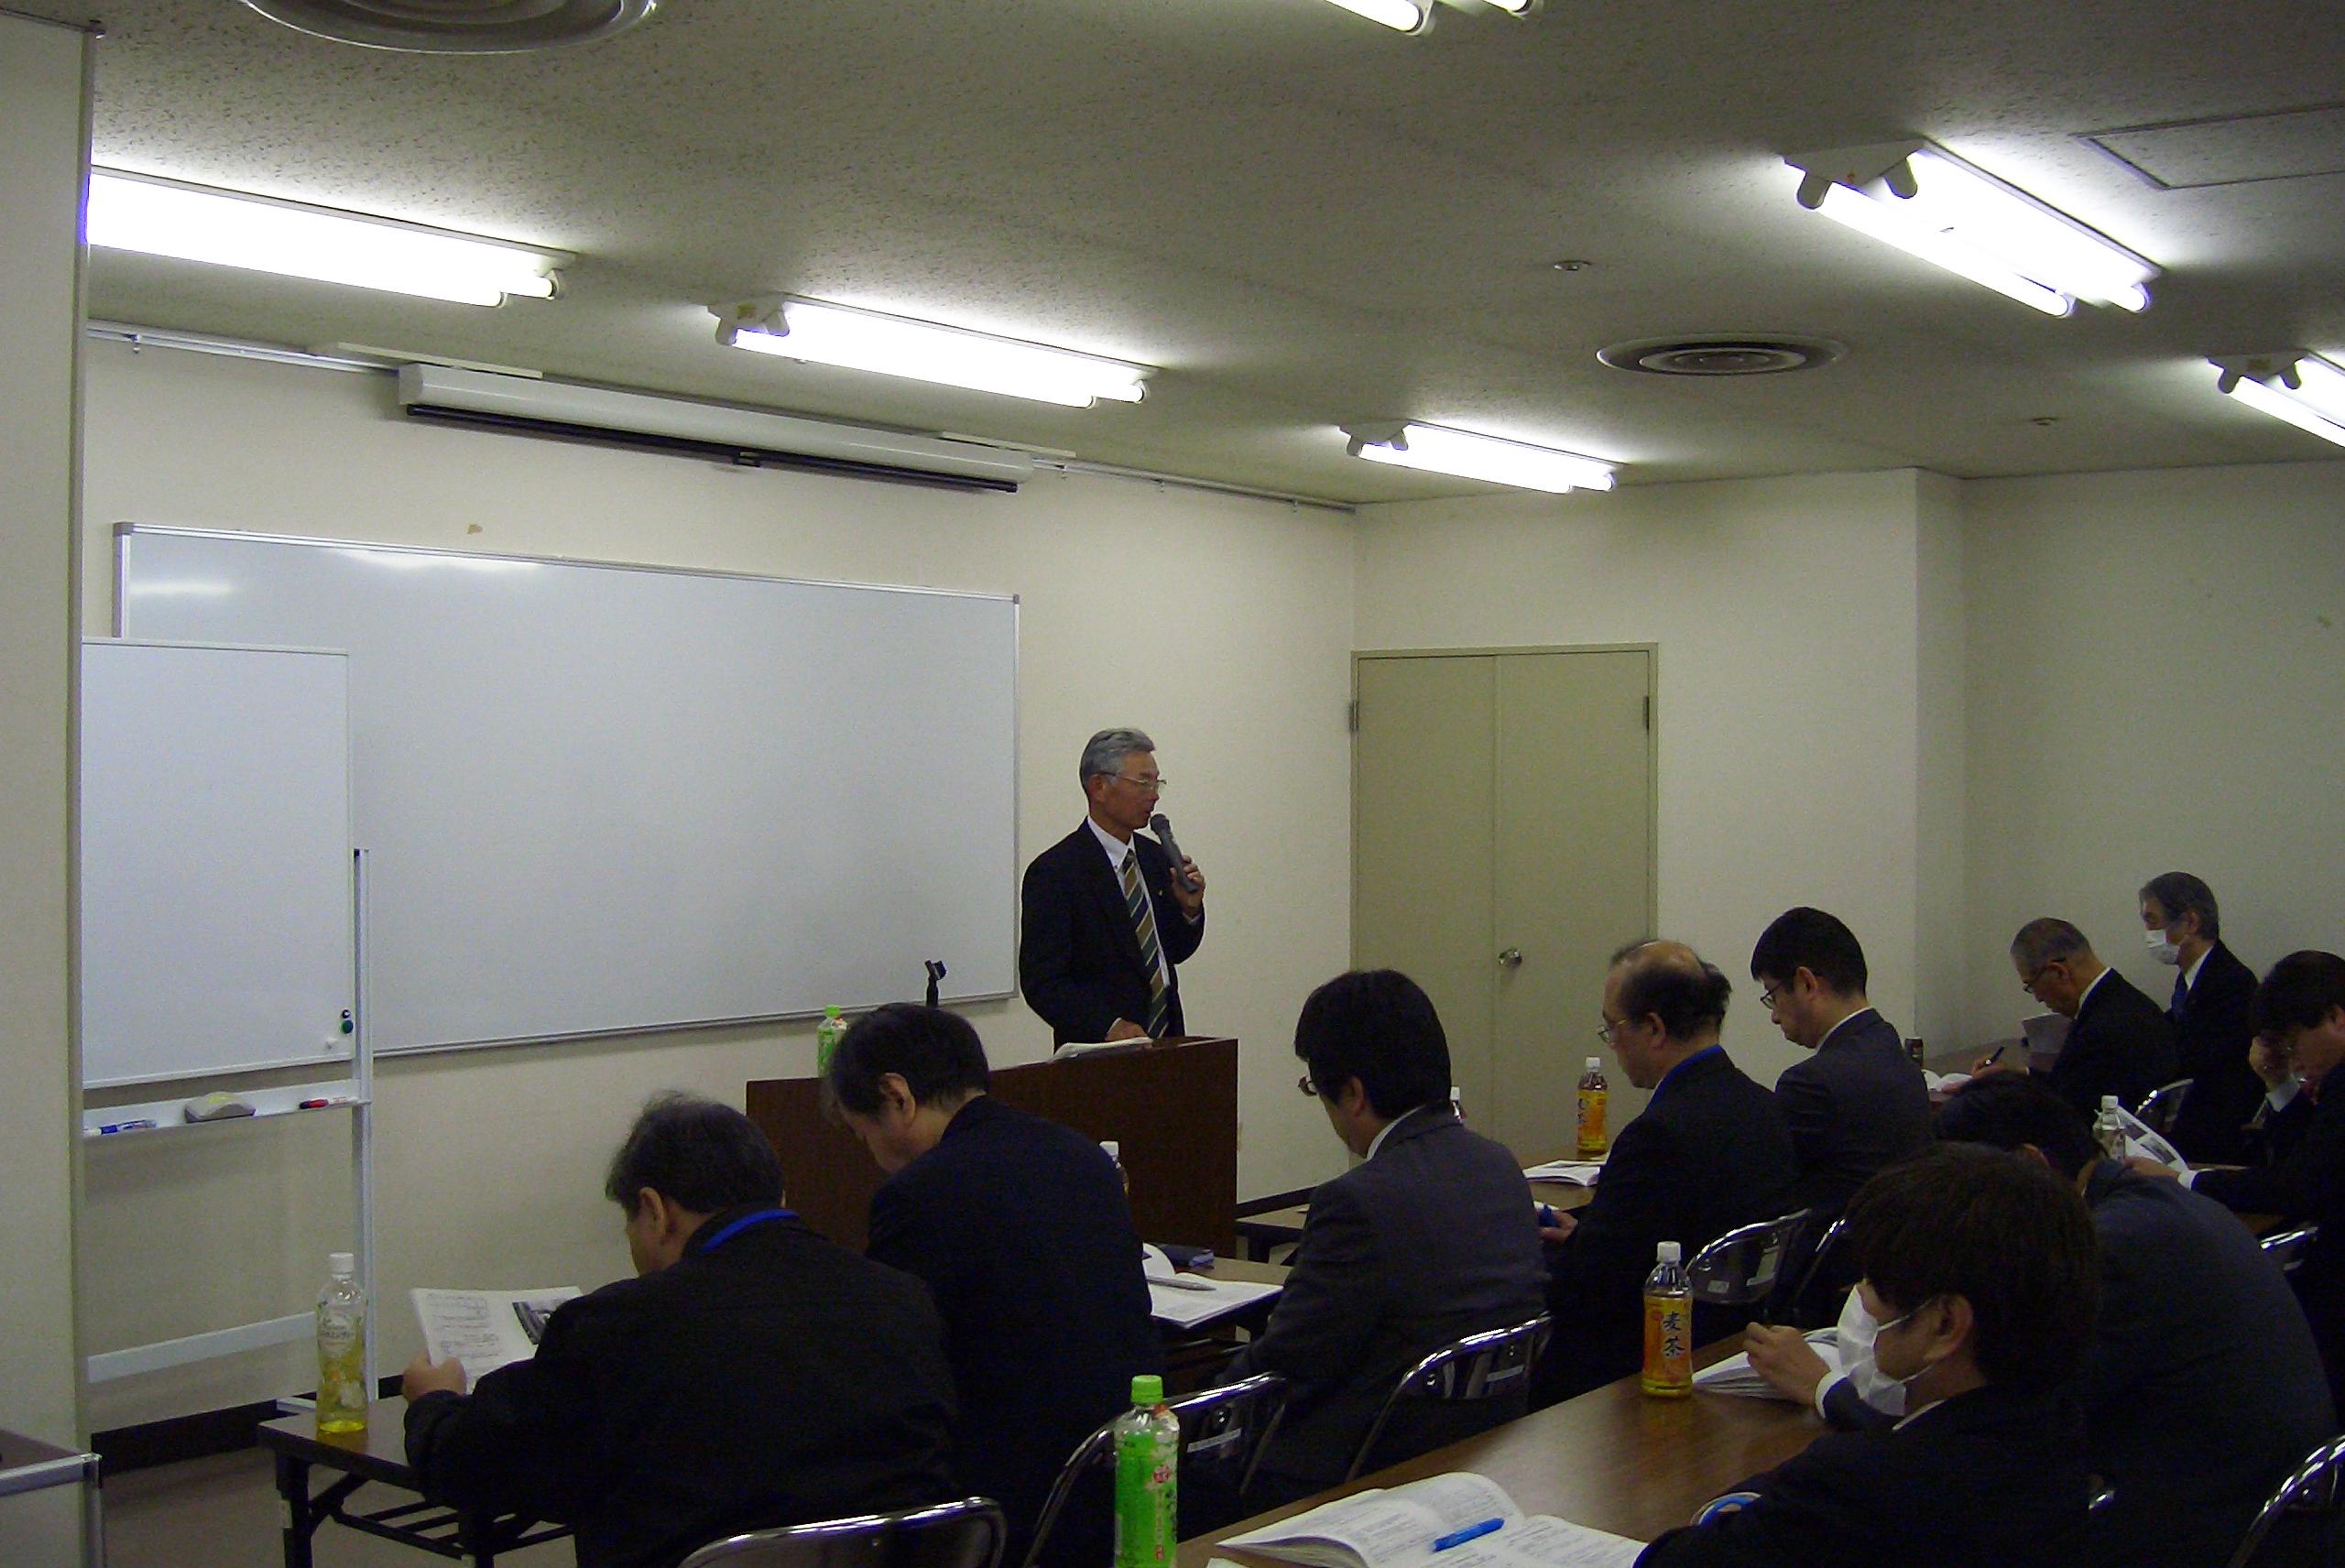 第112回「安全衛生管理者会議」が開催されました。